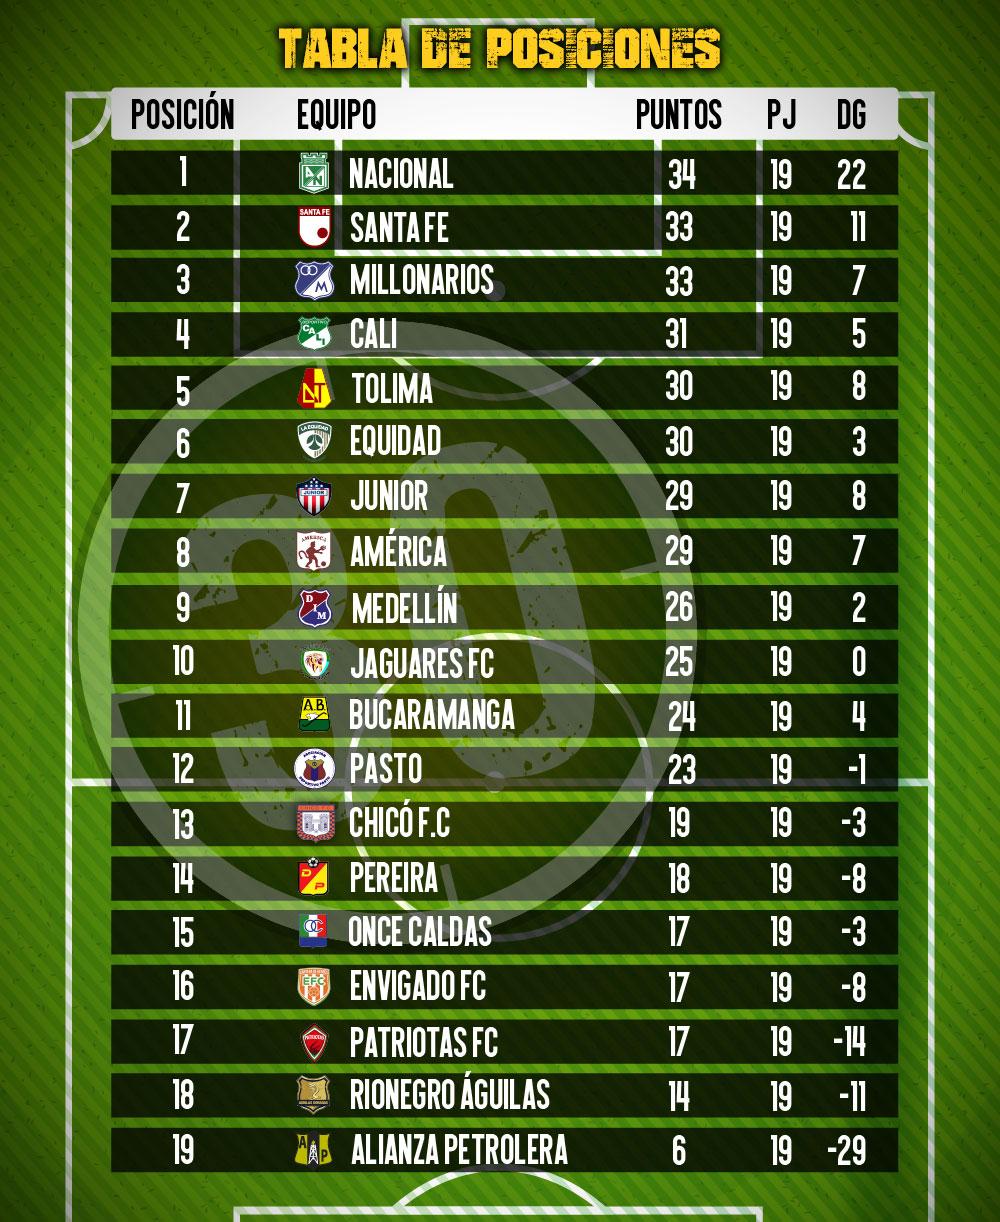 tabla de posiciones 5